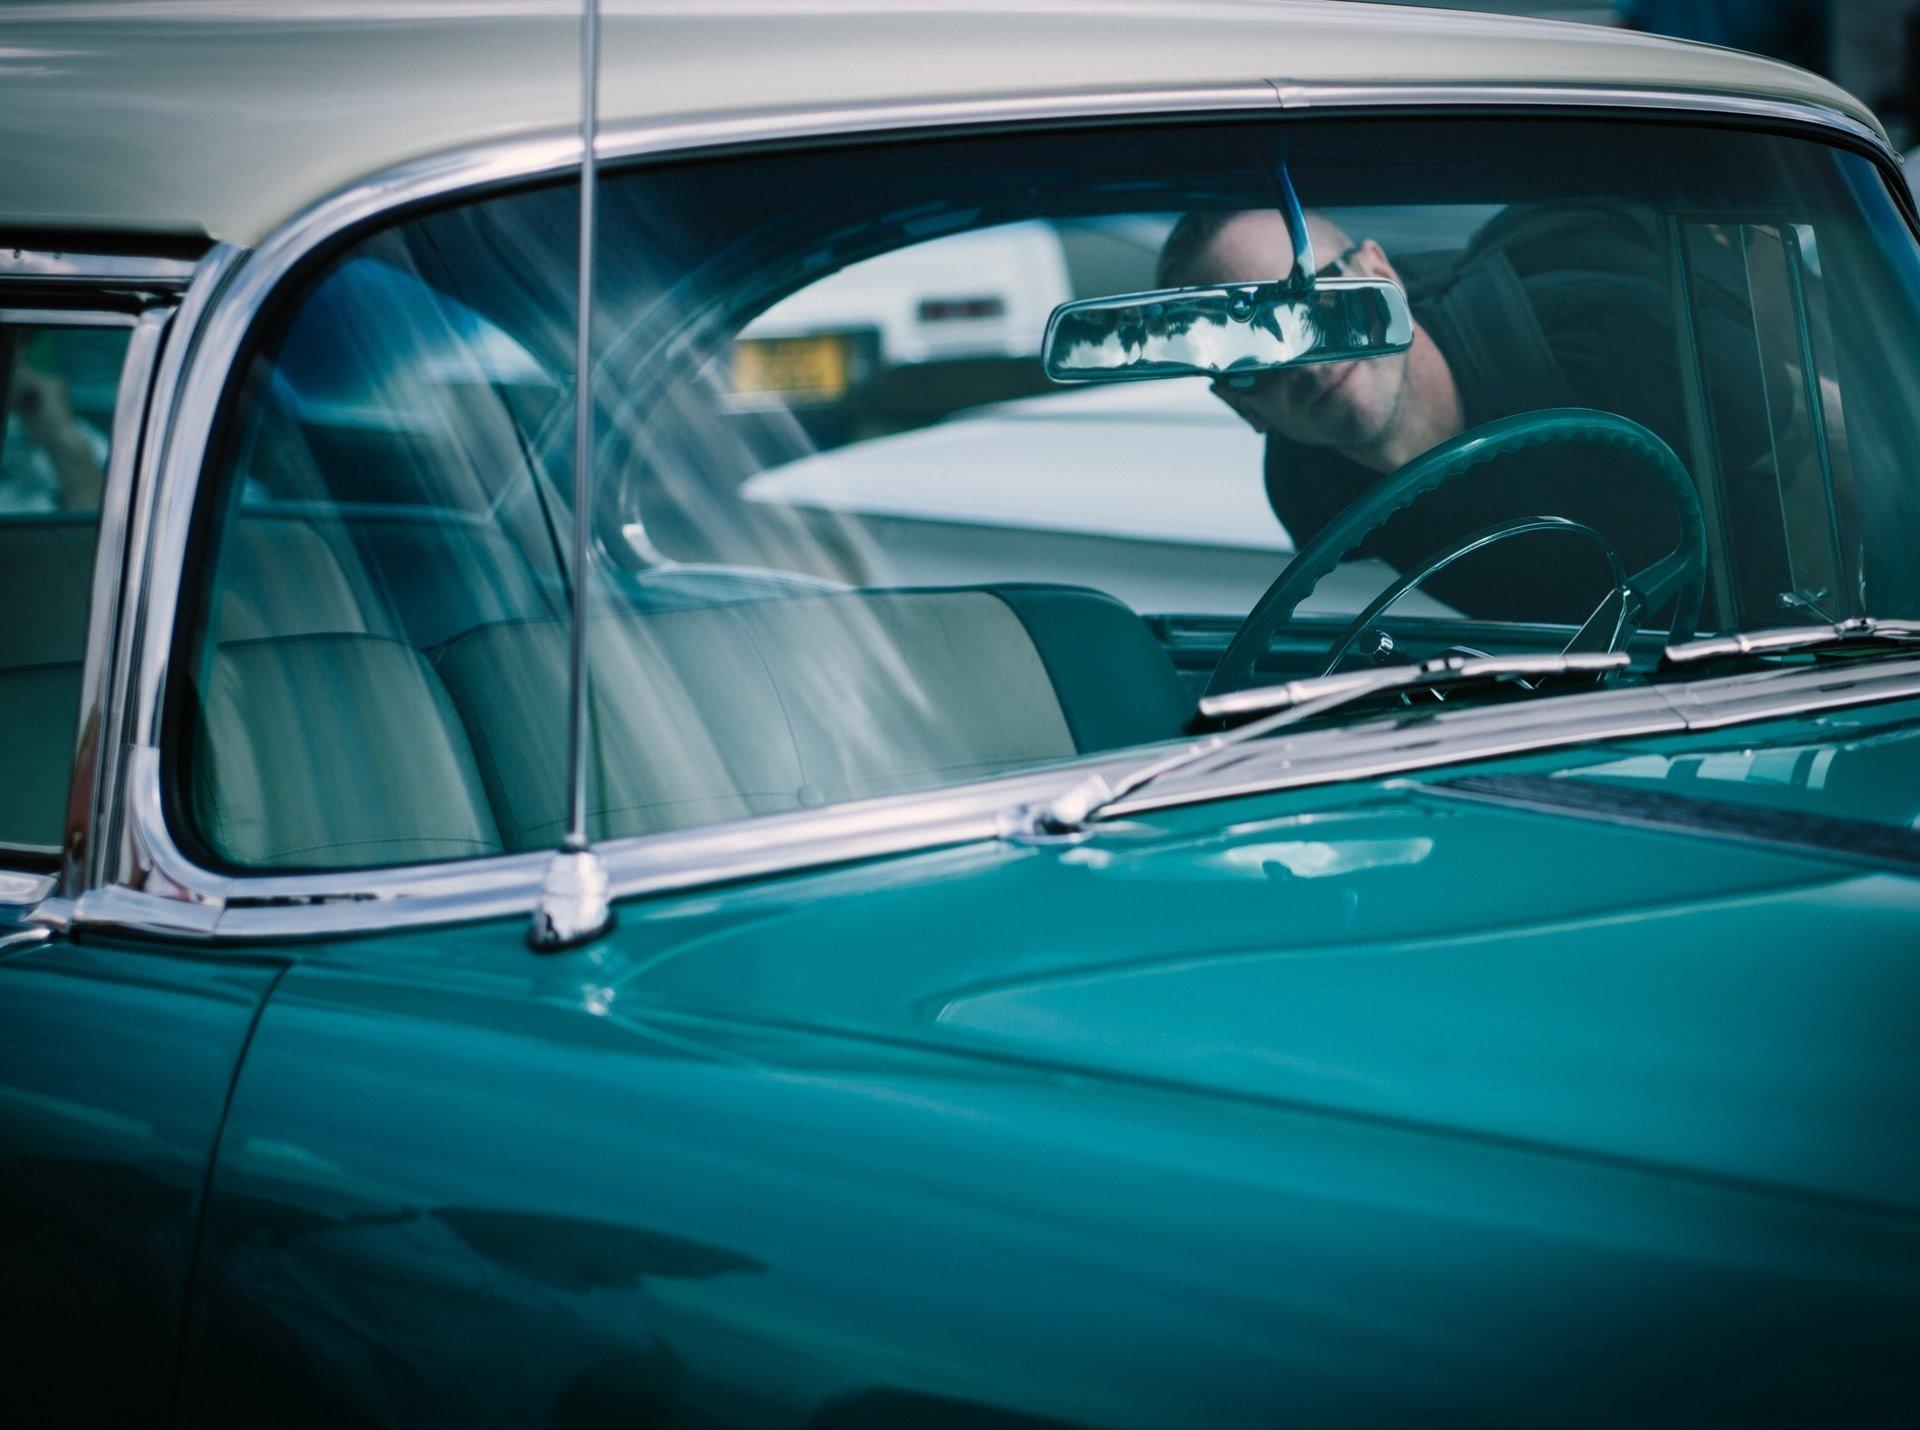 blue-window-car